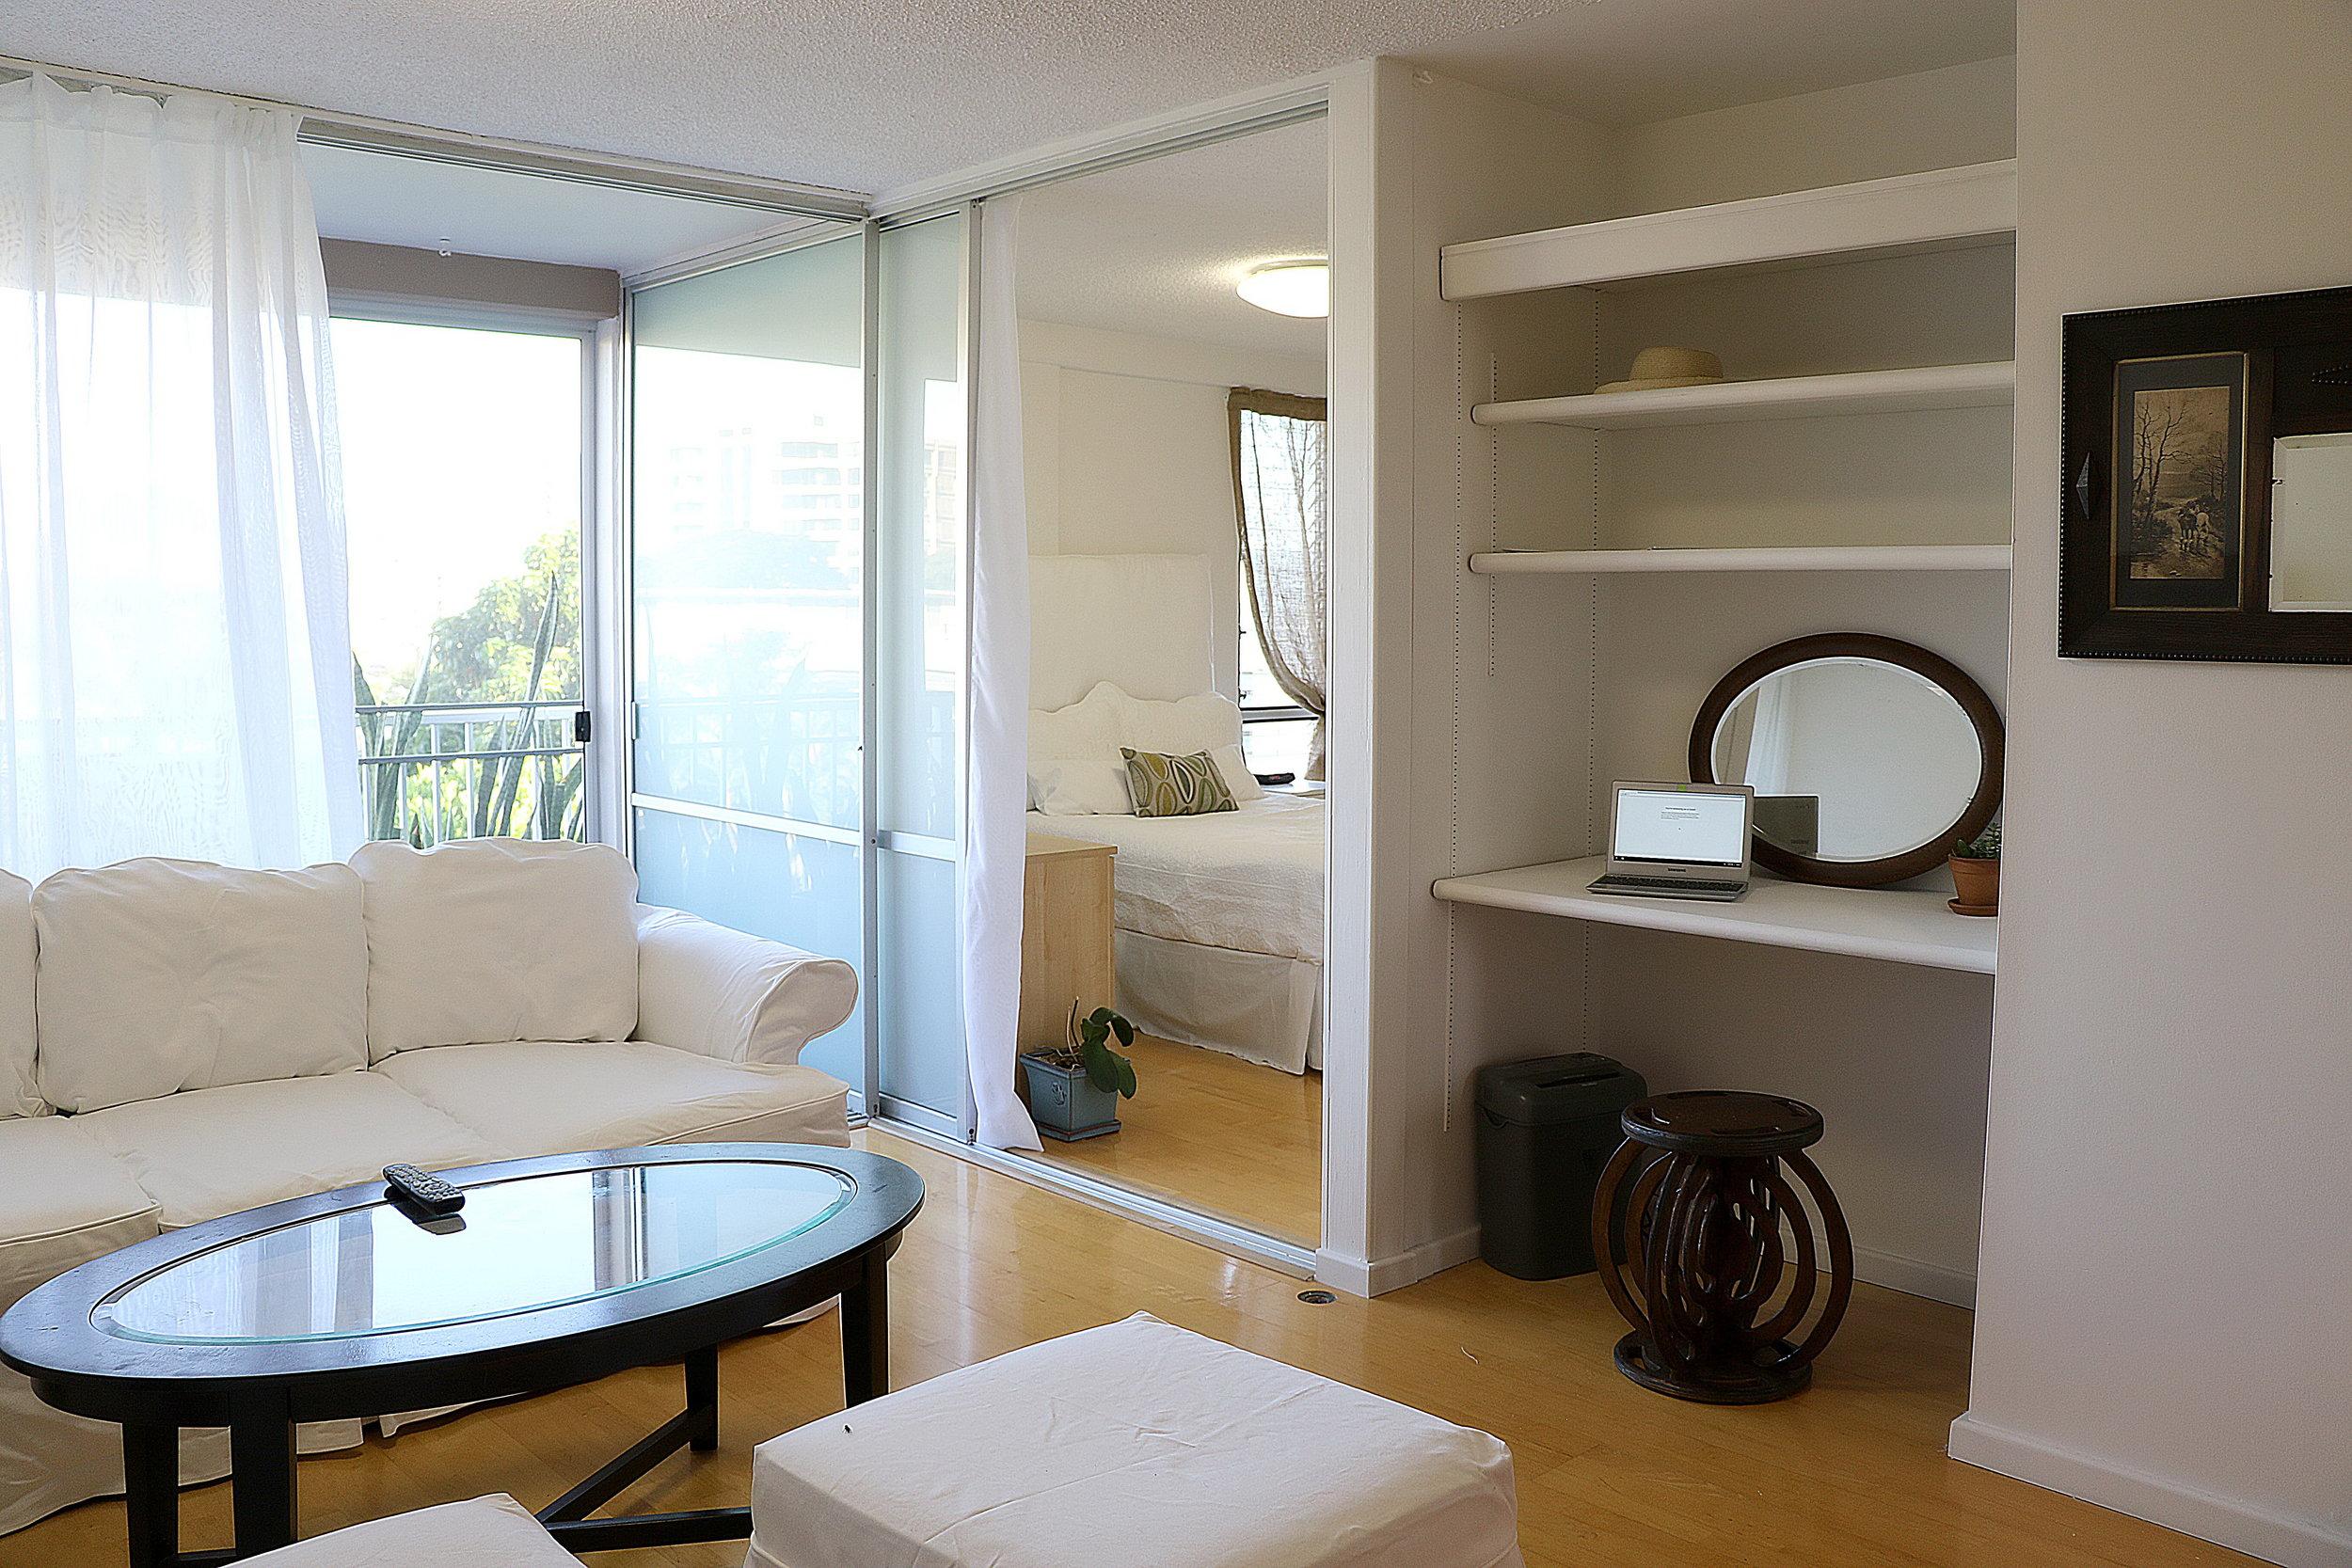 livingroom 1_3.jpg